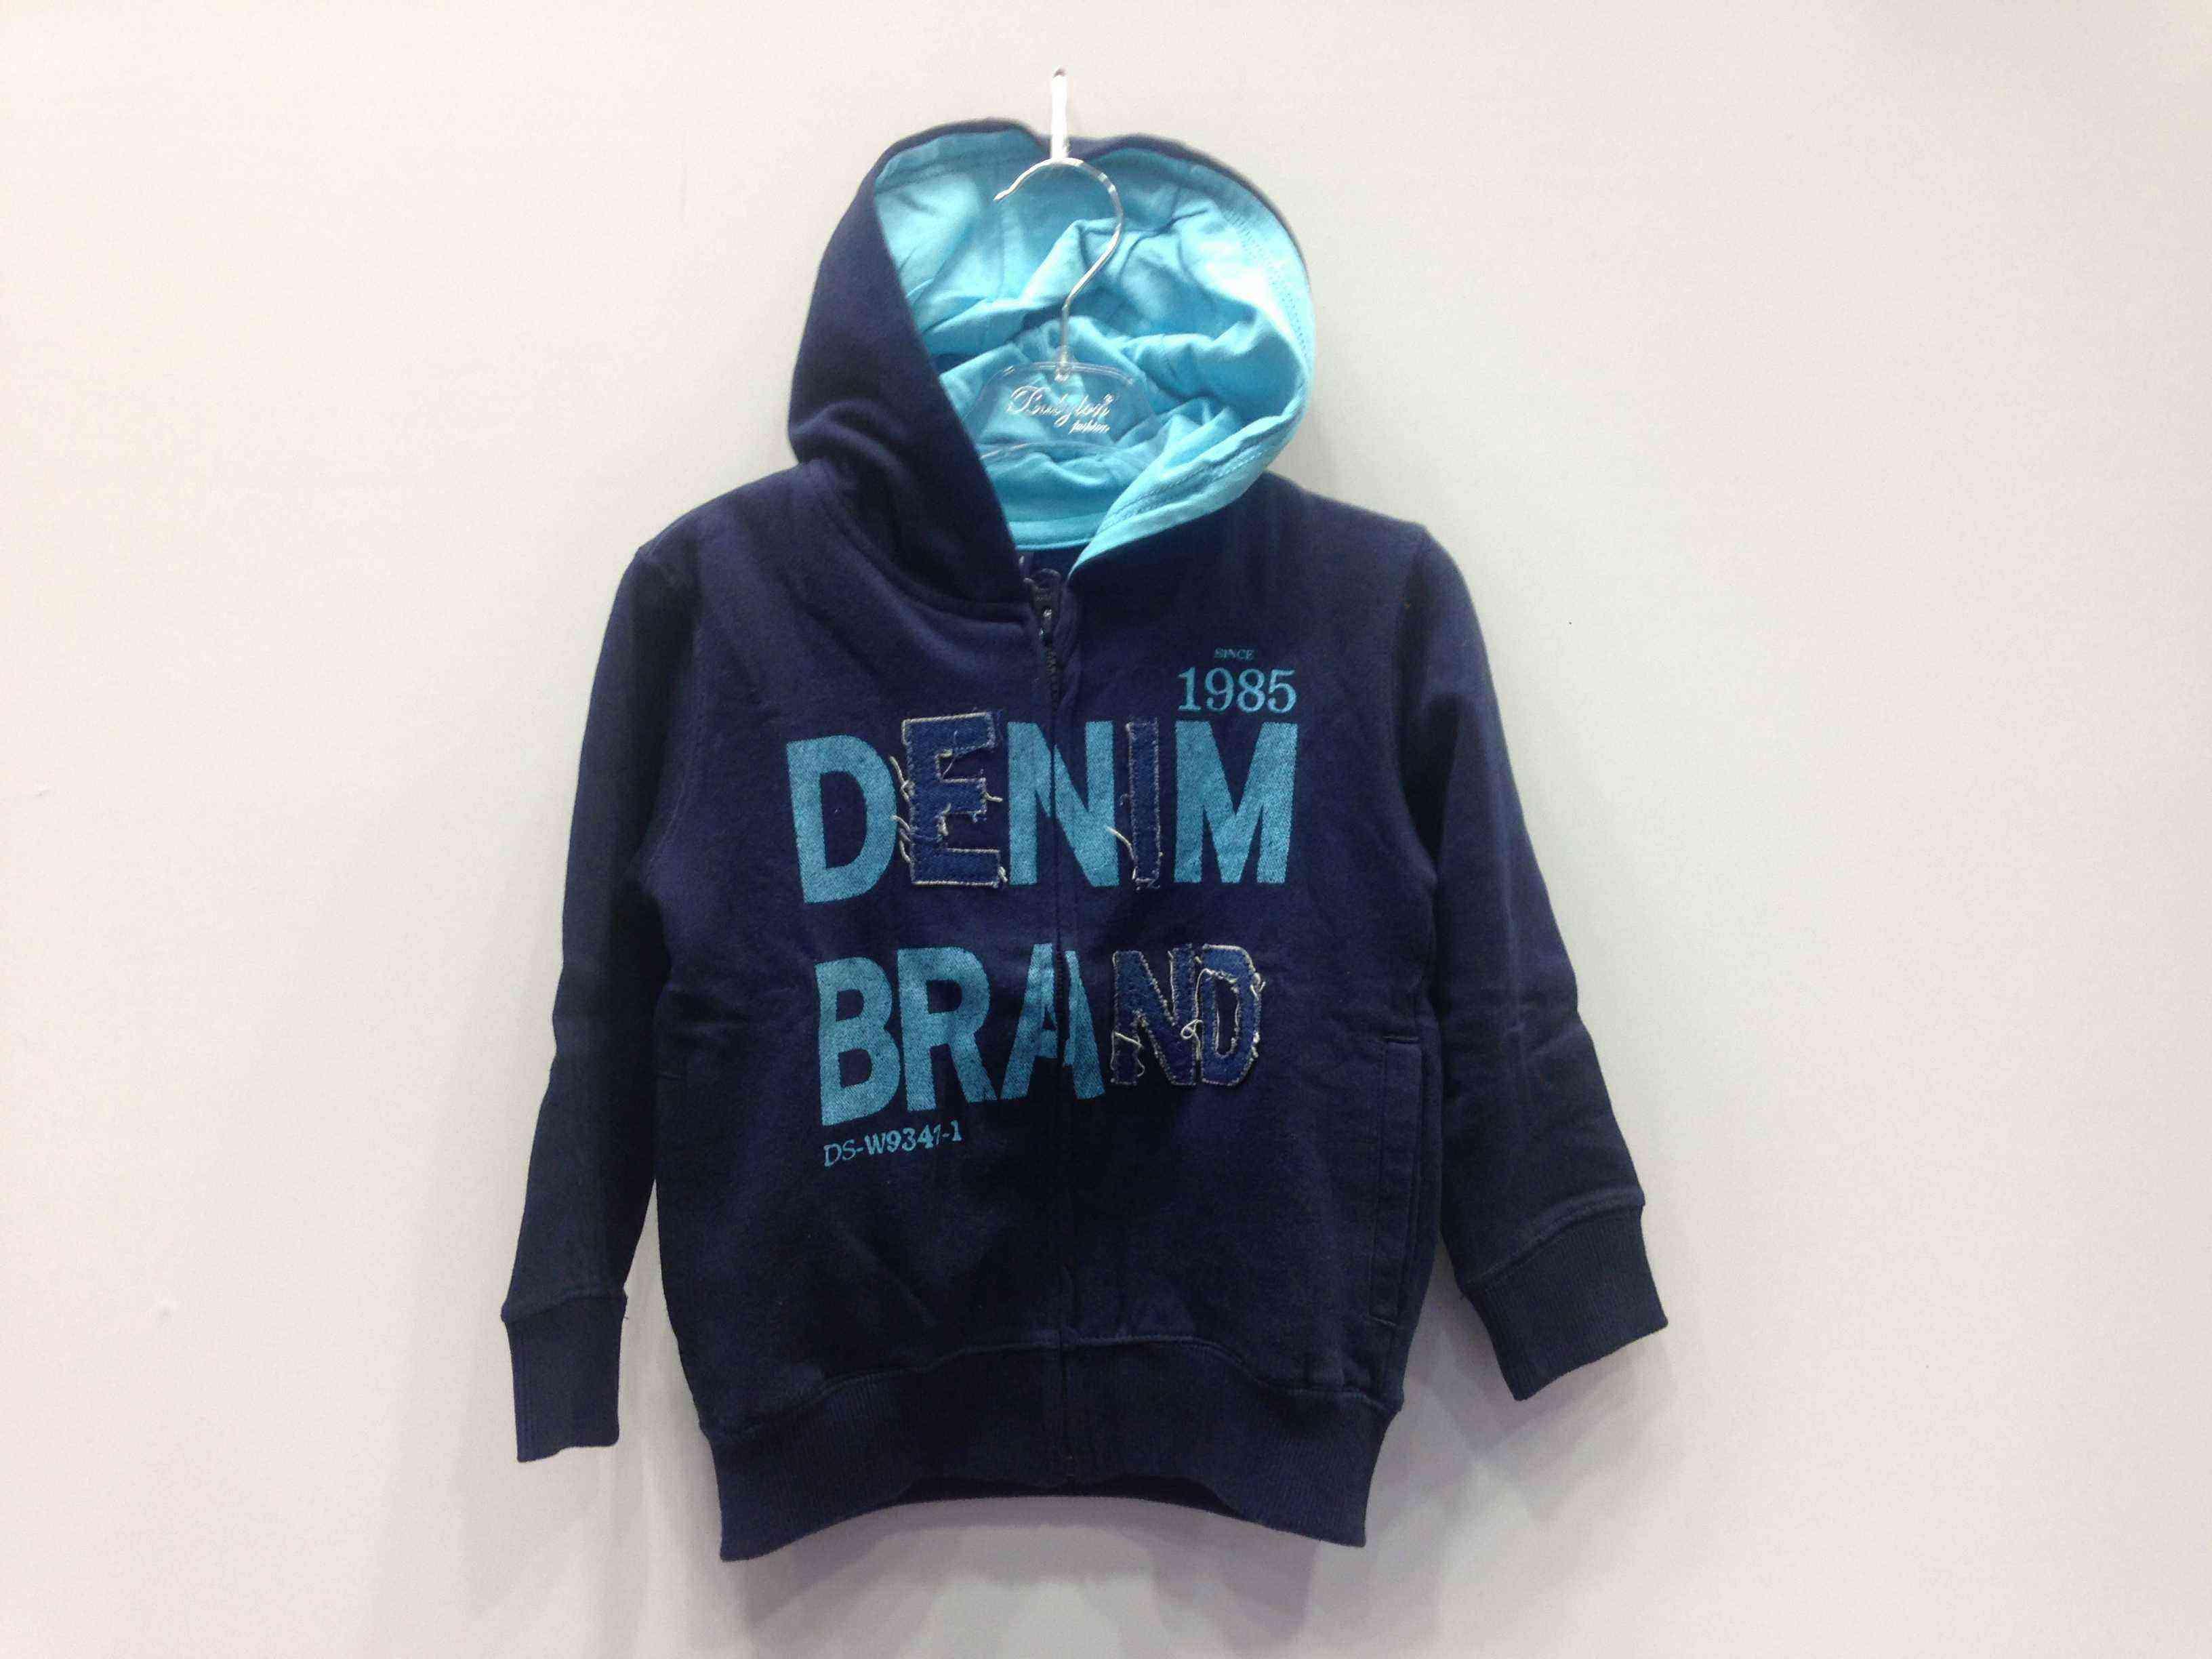 LOSAN Ζακέτα φούτερ με κουκούλα «DENIM» σε 2 χρώματα  9727ed78b88